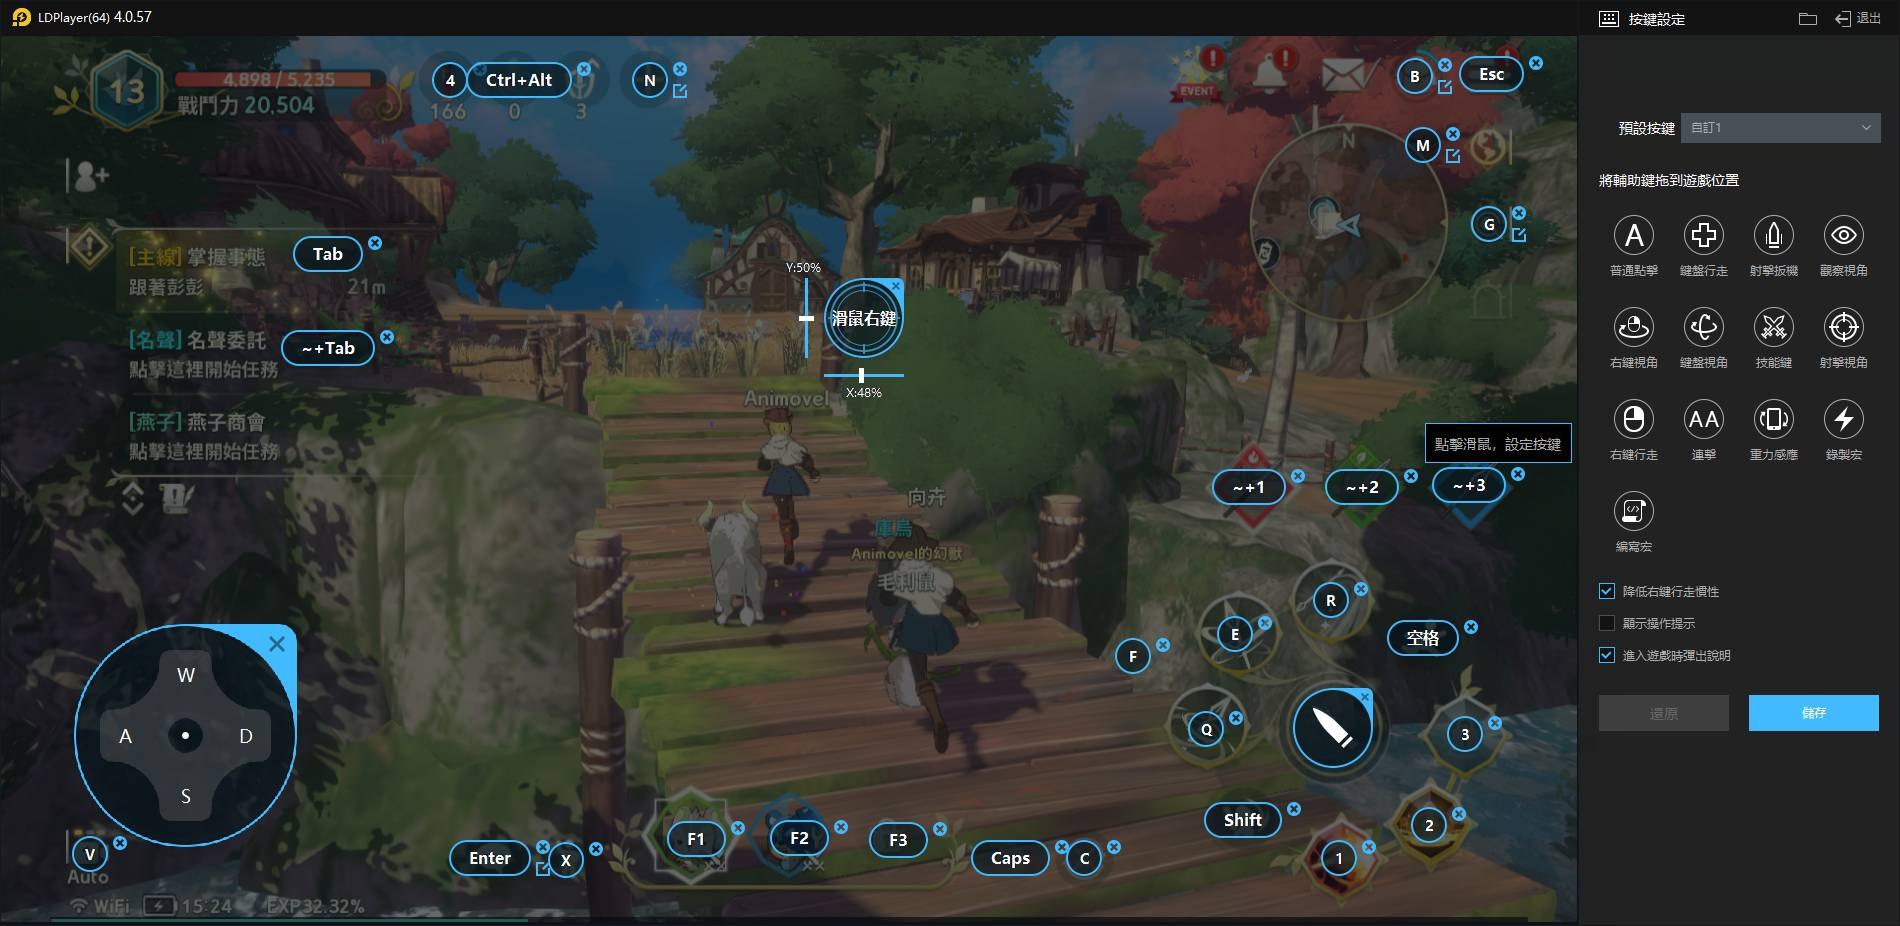 【二ノ国 cross worlds(ニノクロ)】職業の選択、PCでもプレイ可能!